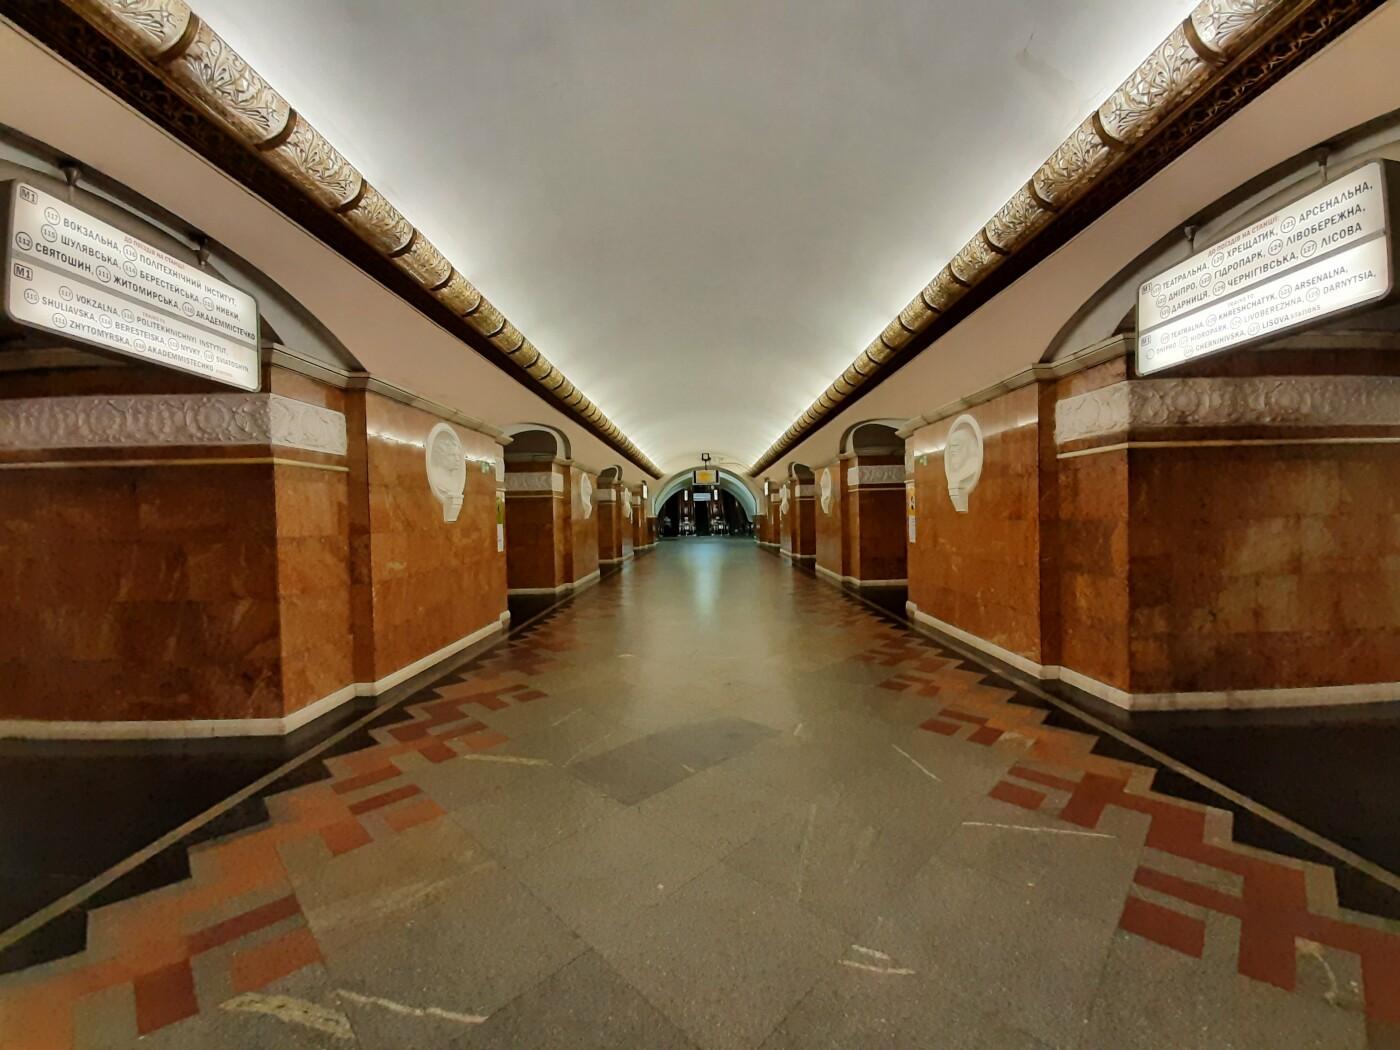 ТОП-15 вопросов о Киевском метрополитене, которые вы хотели задать, - ФОТО, Фото: Aleks Chep